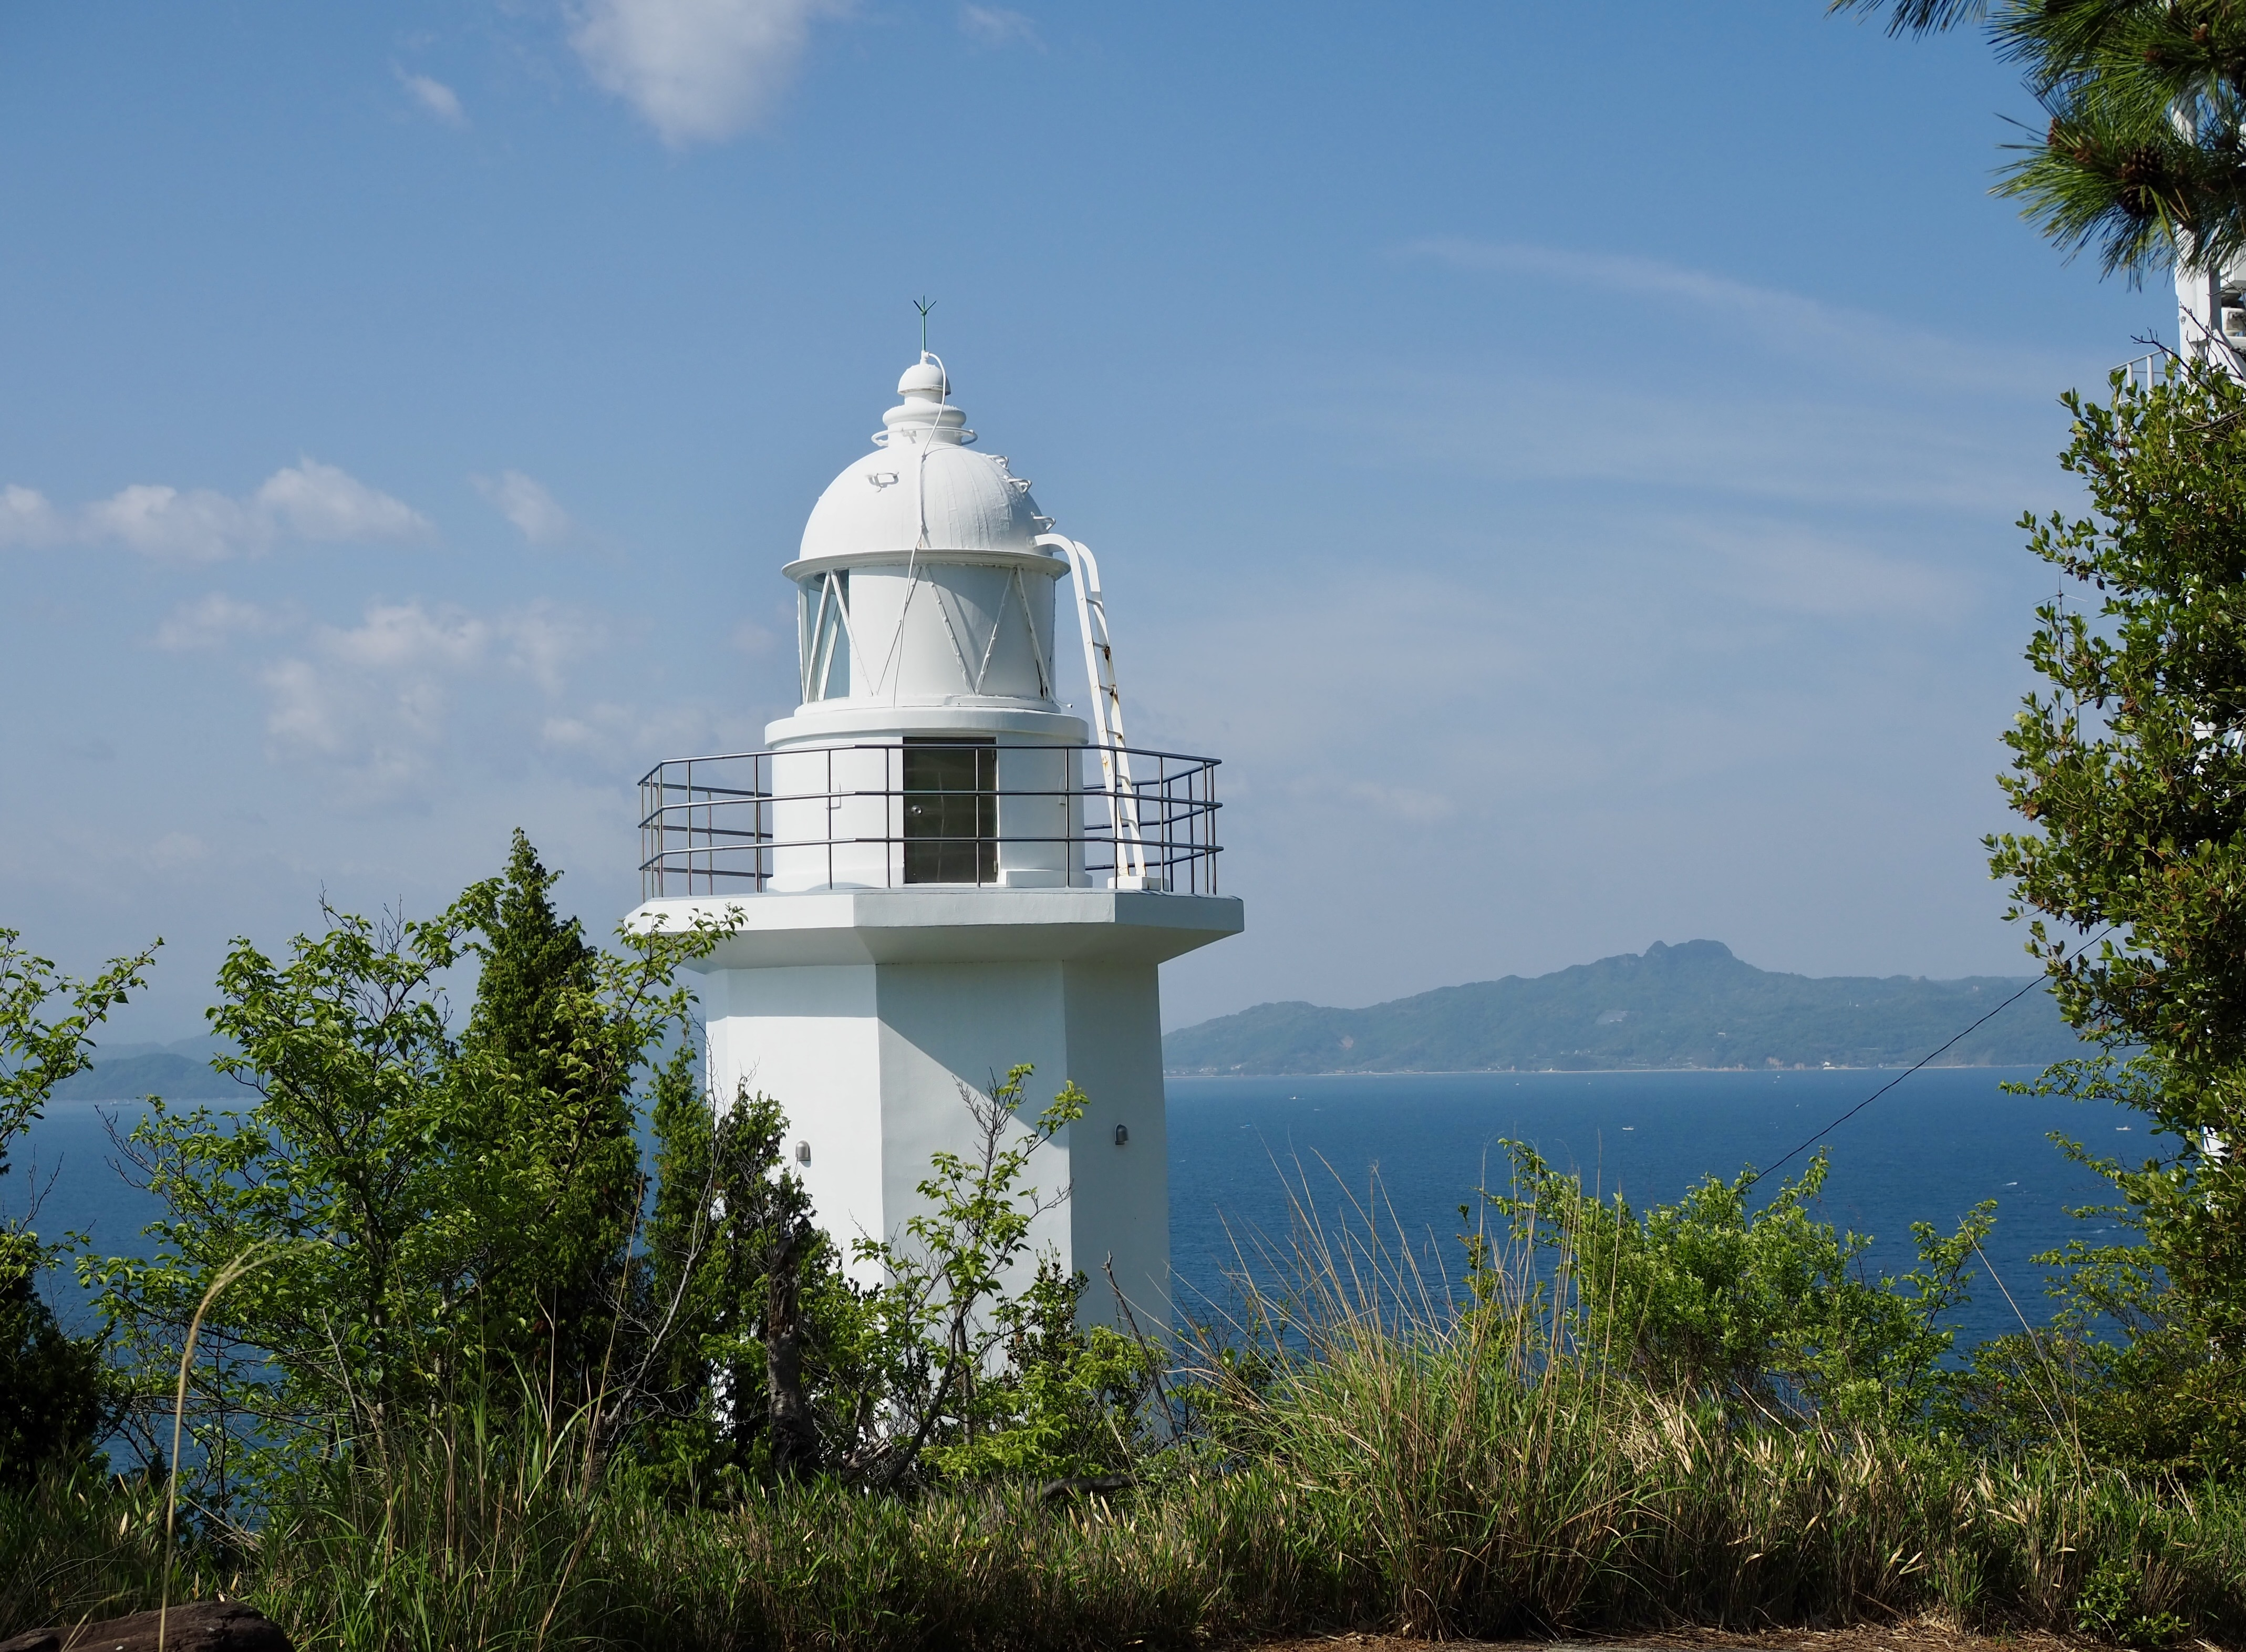 小豆島ツーリング 絶景とグルメ ハーレー 旅 一人旅 地蔵崎灯台